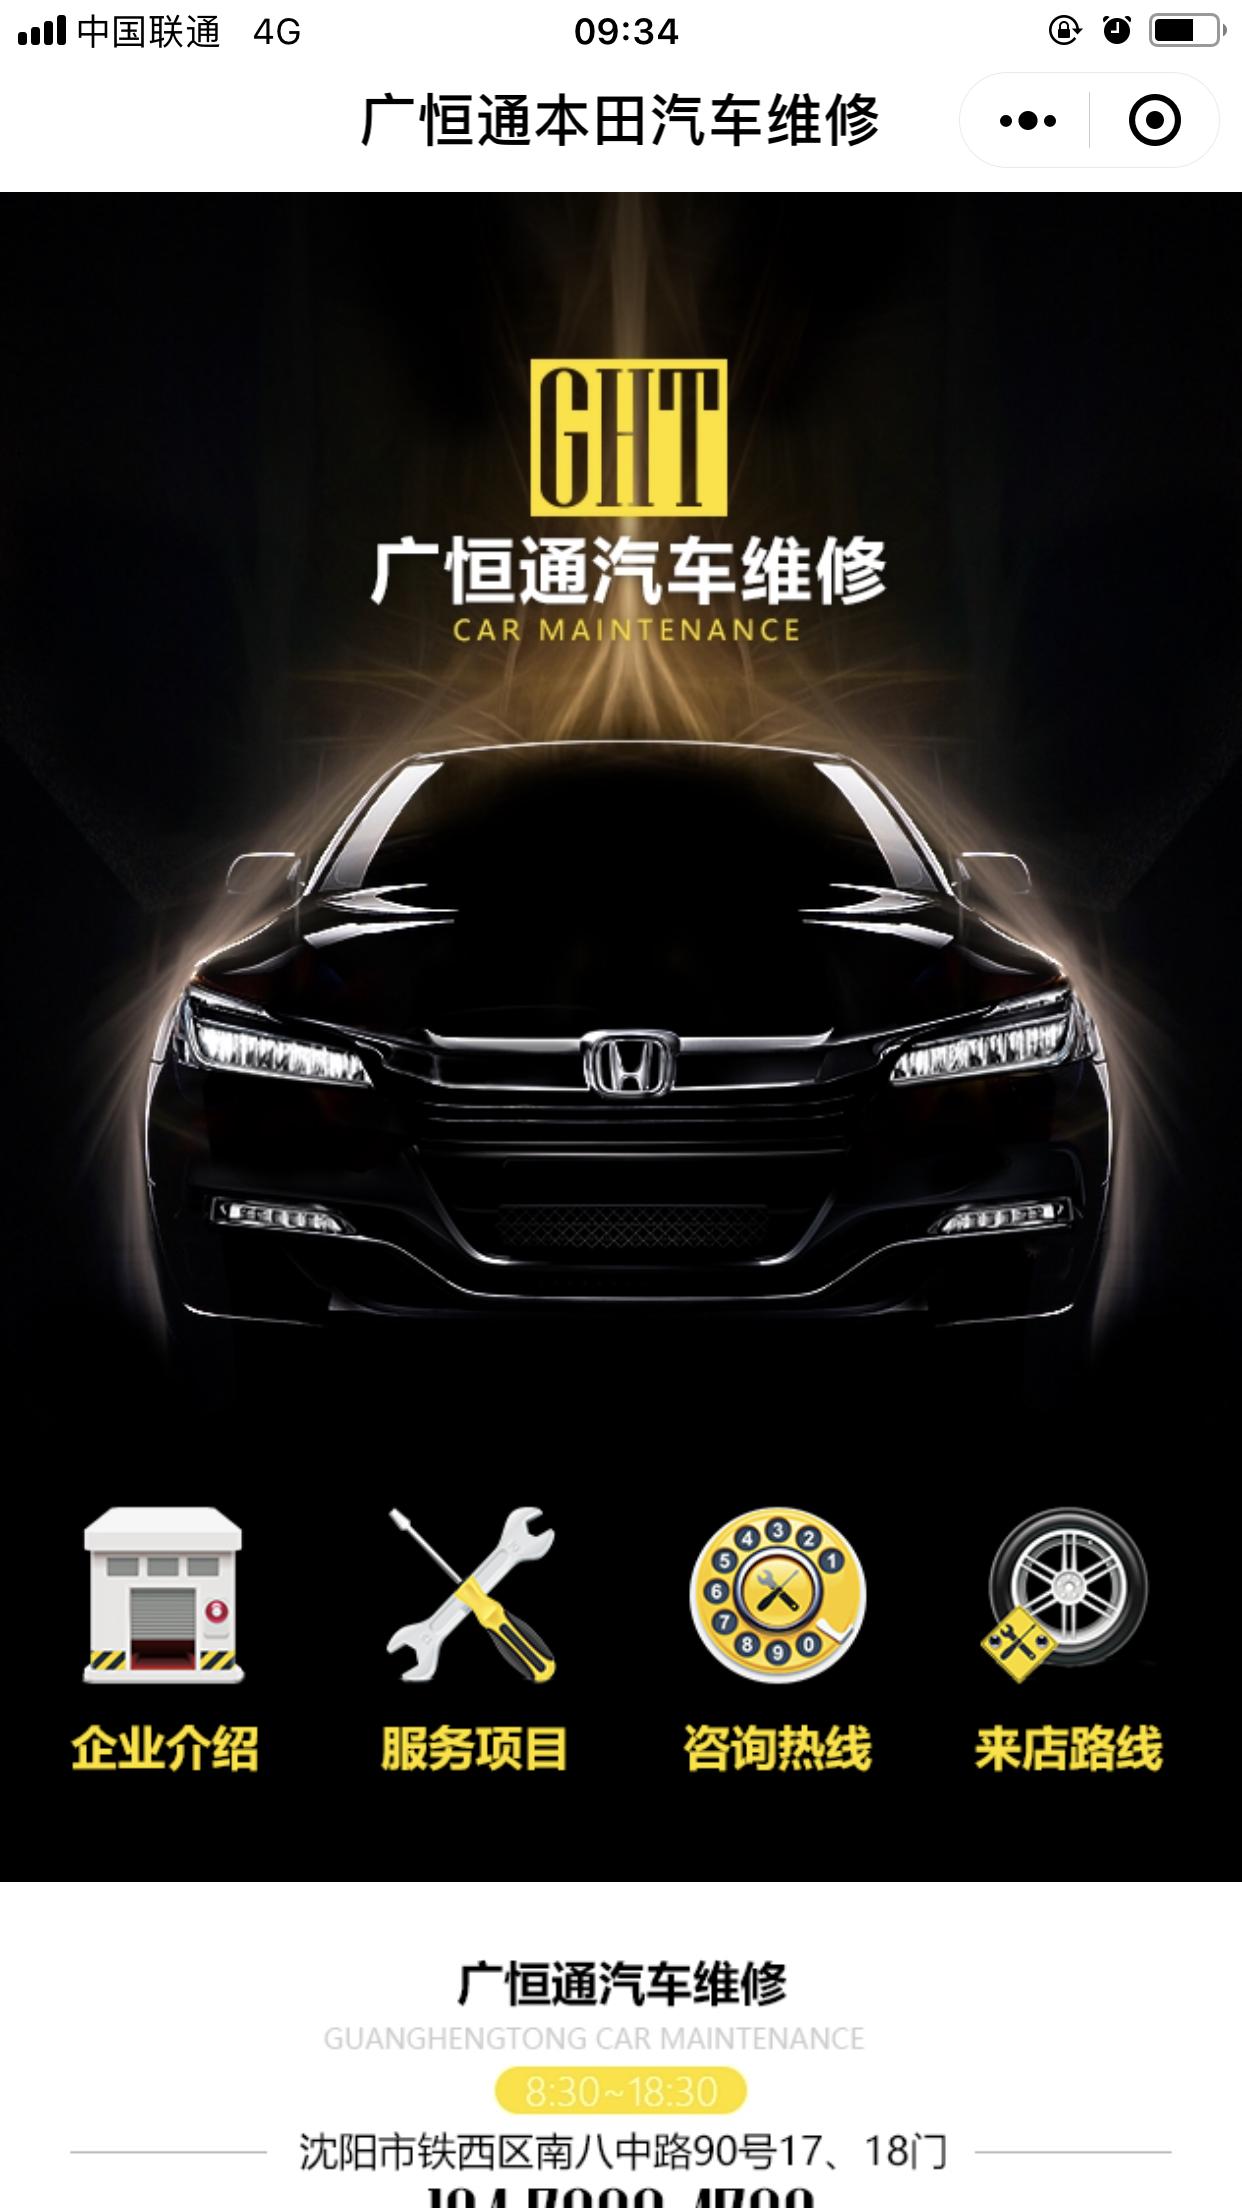 微信广通汽车维修服务中心小程序